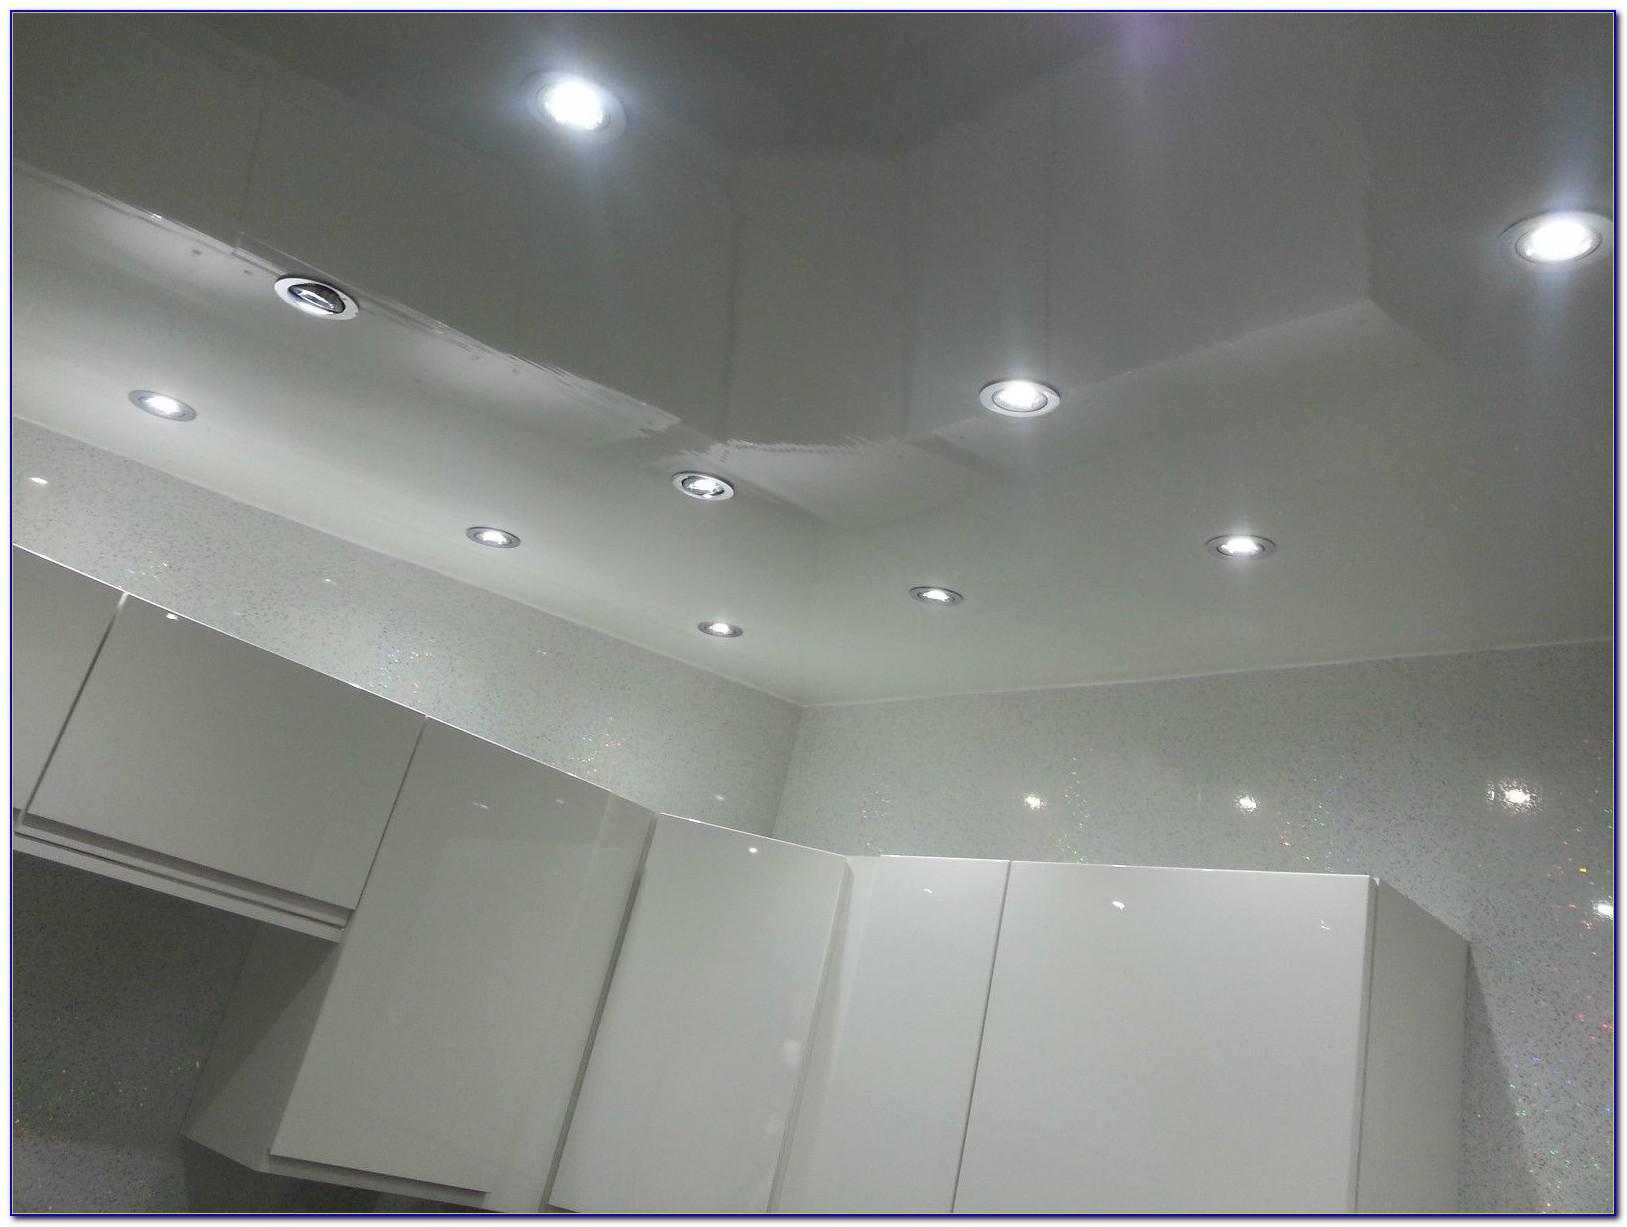 Plastic Panels For Ceilings